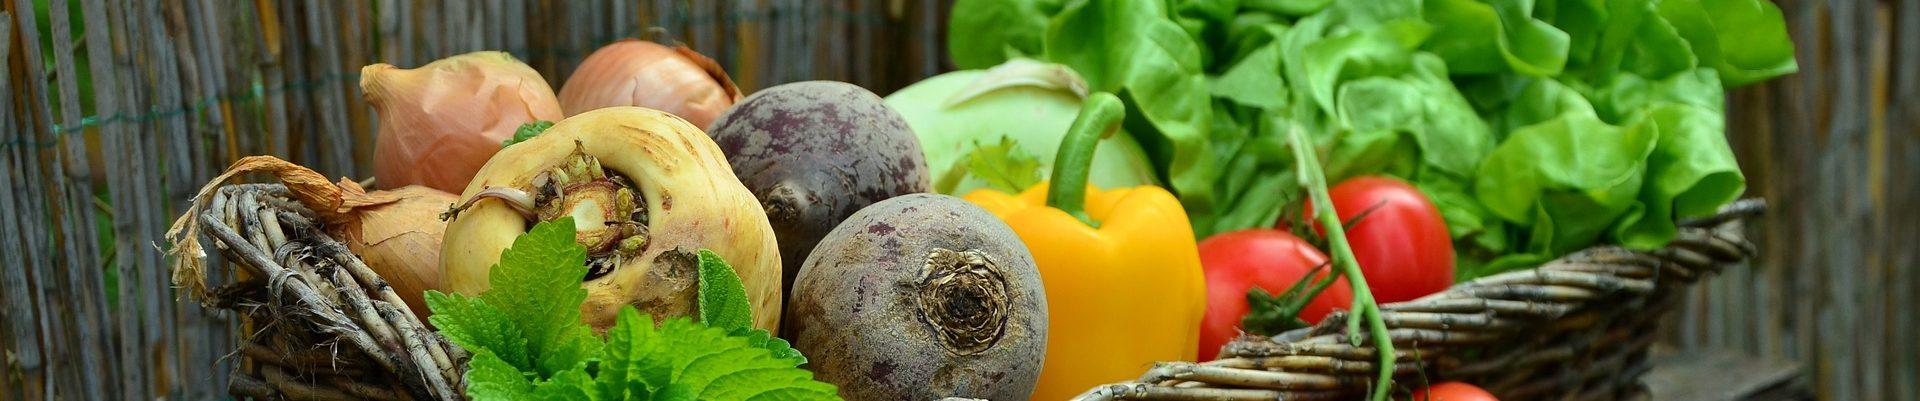 Označení: zelenina